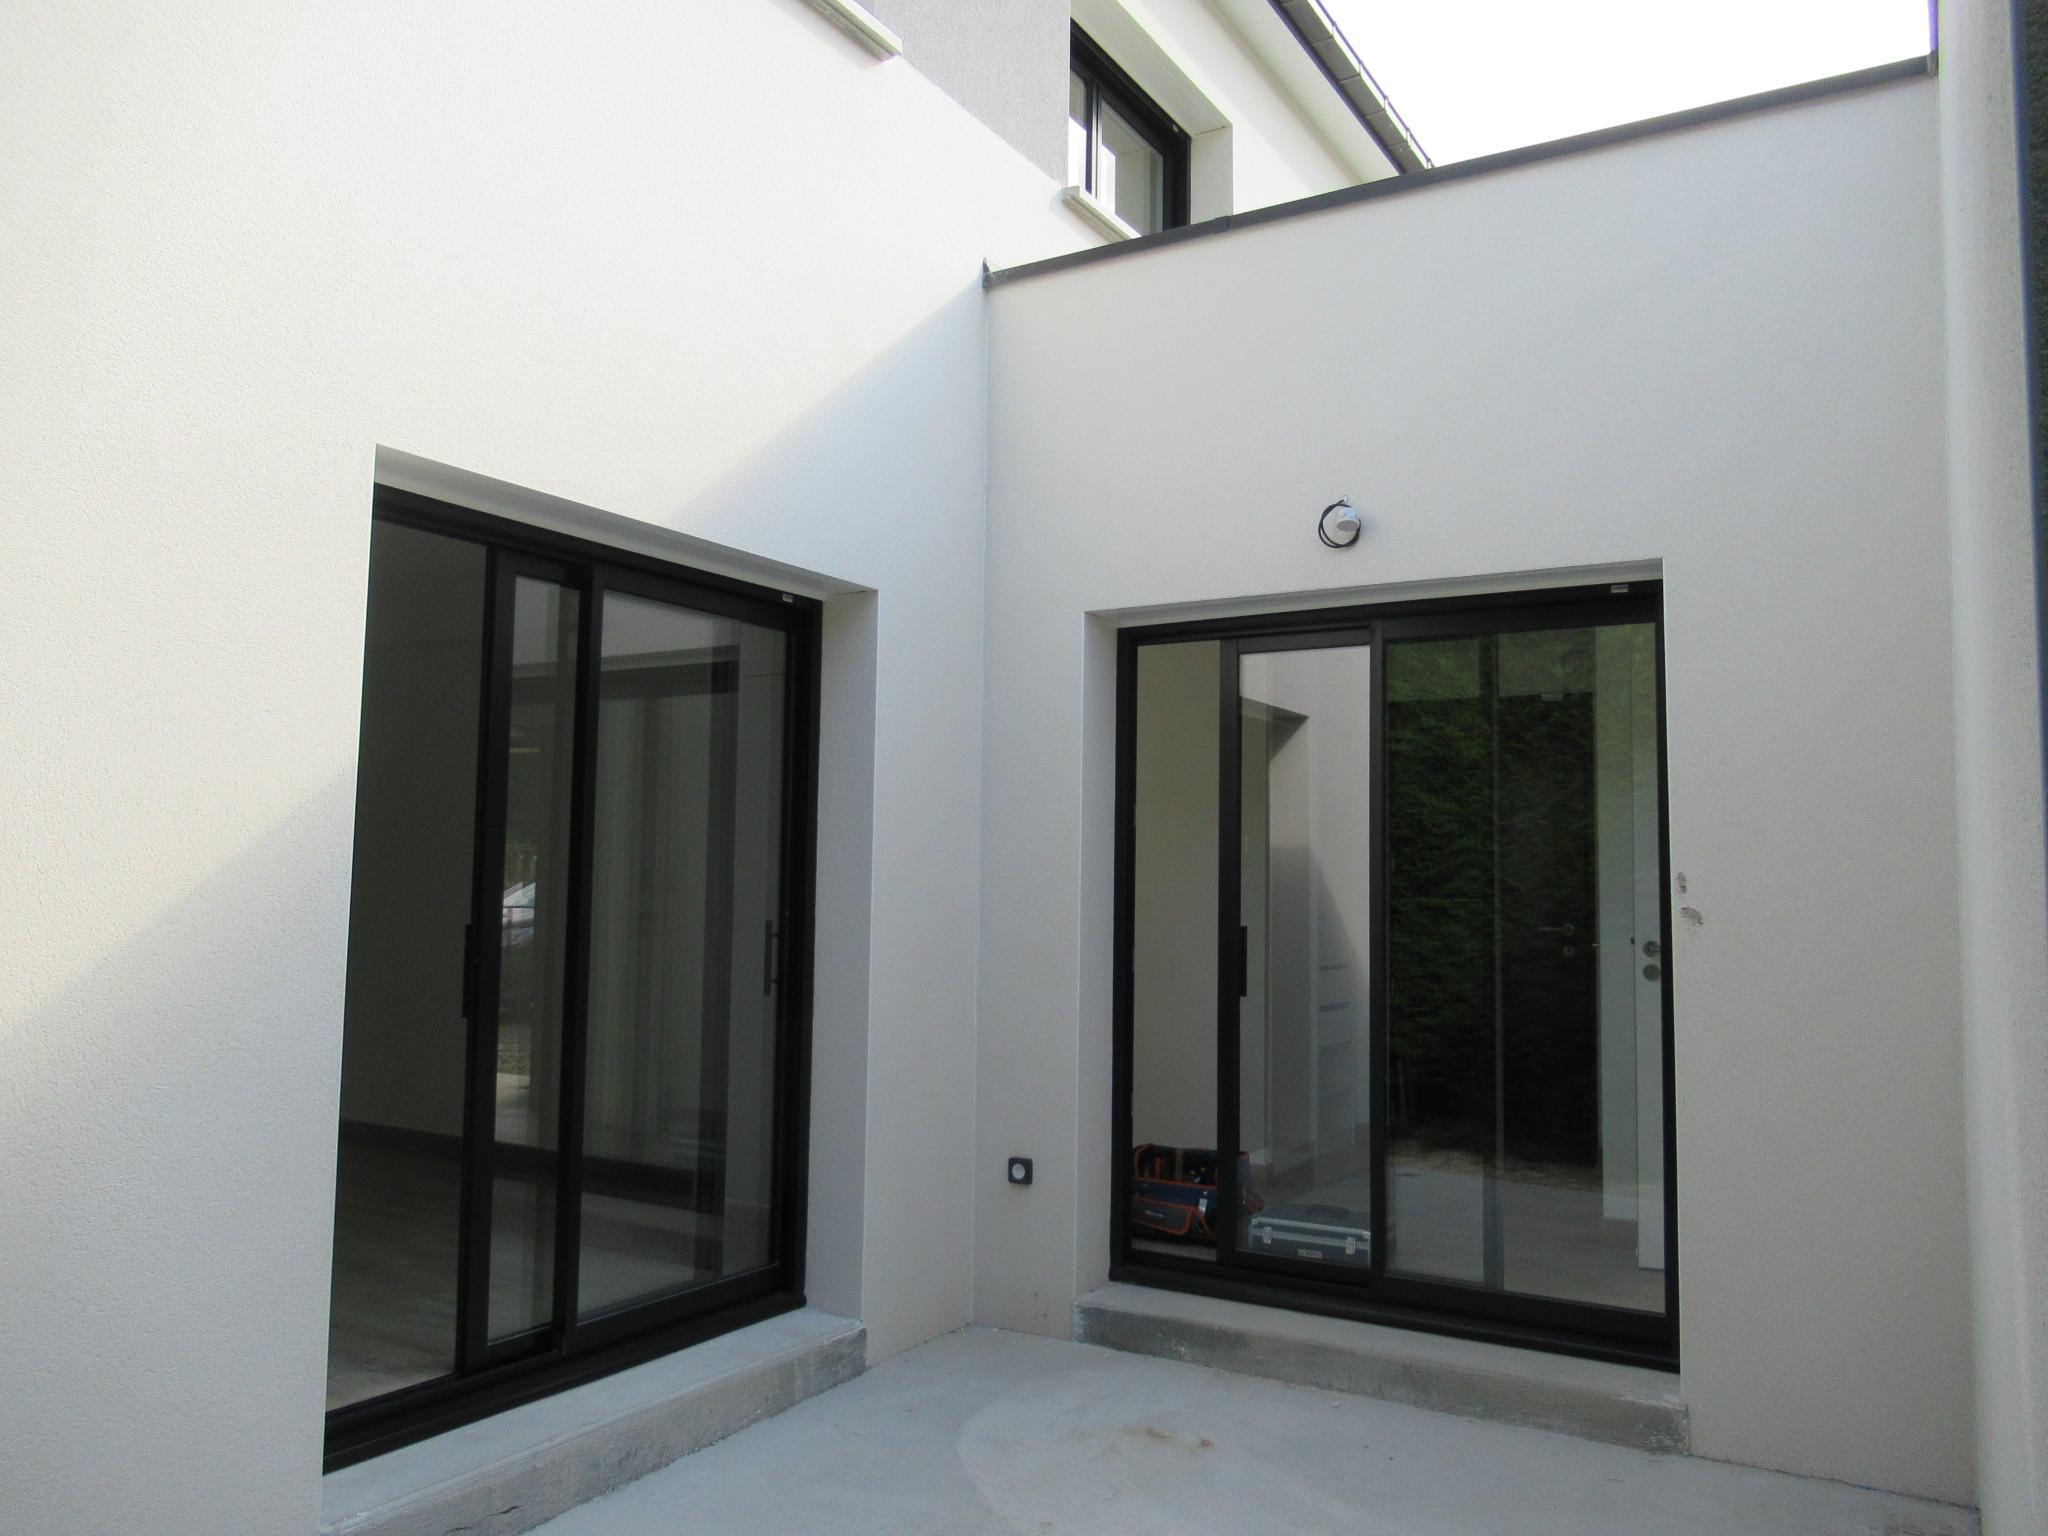 Maison Contemporaine Avec Patio Interieur Geb Chateaubourg